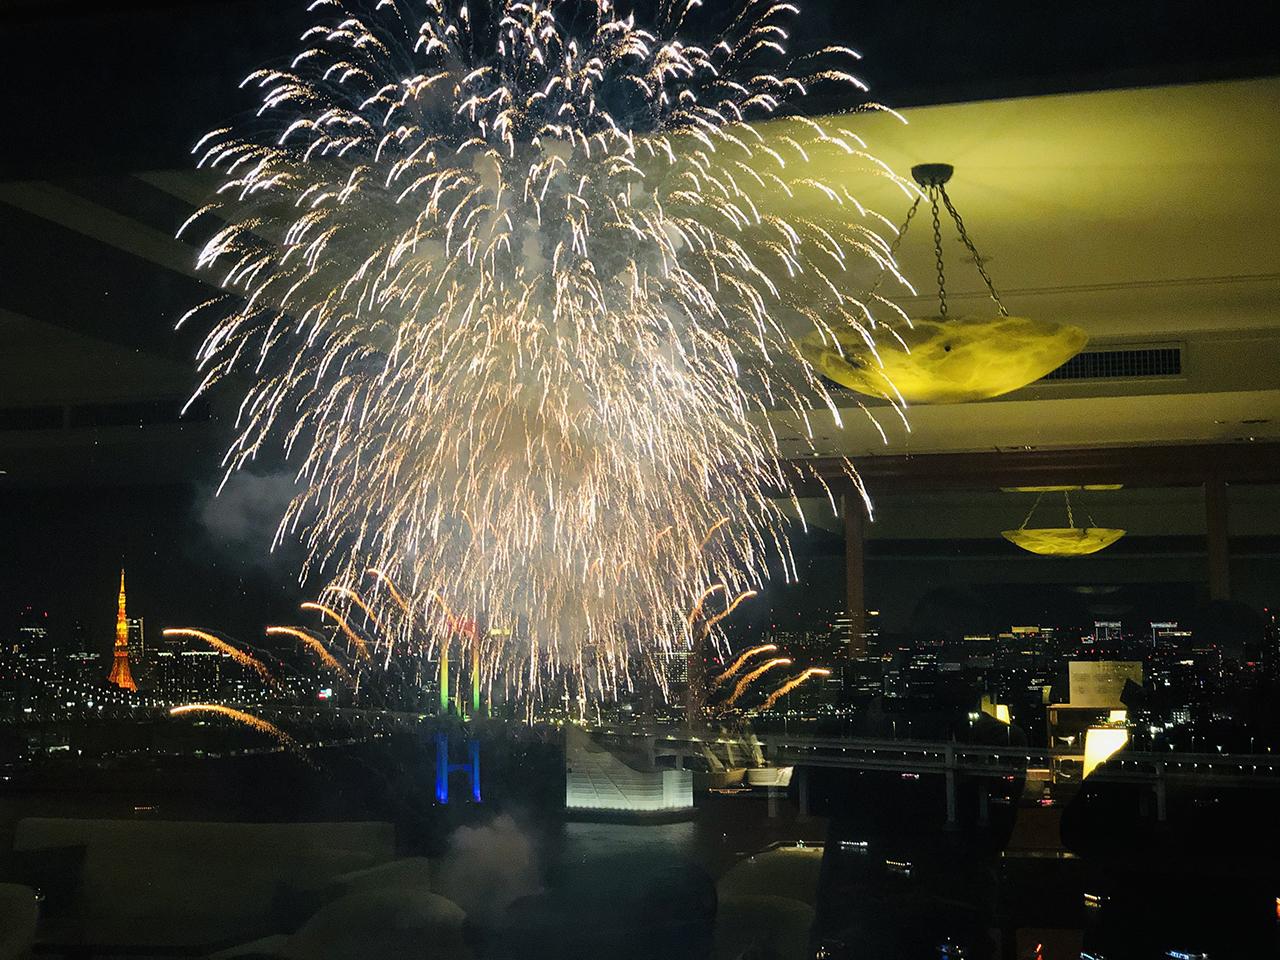 レインボー花火の写真